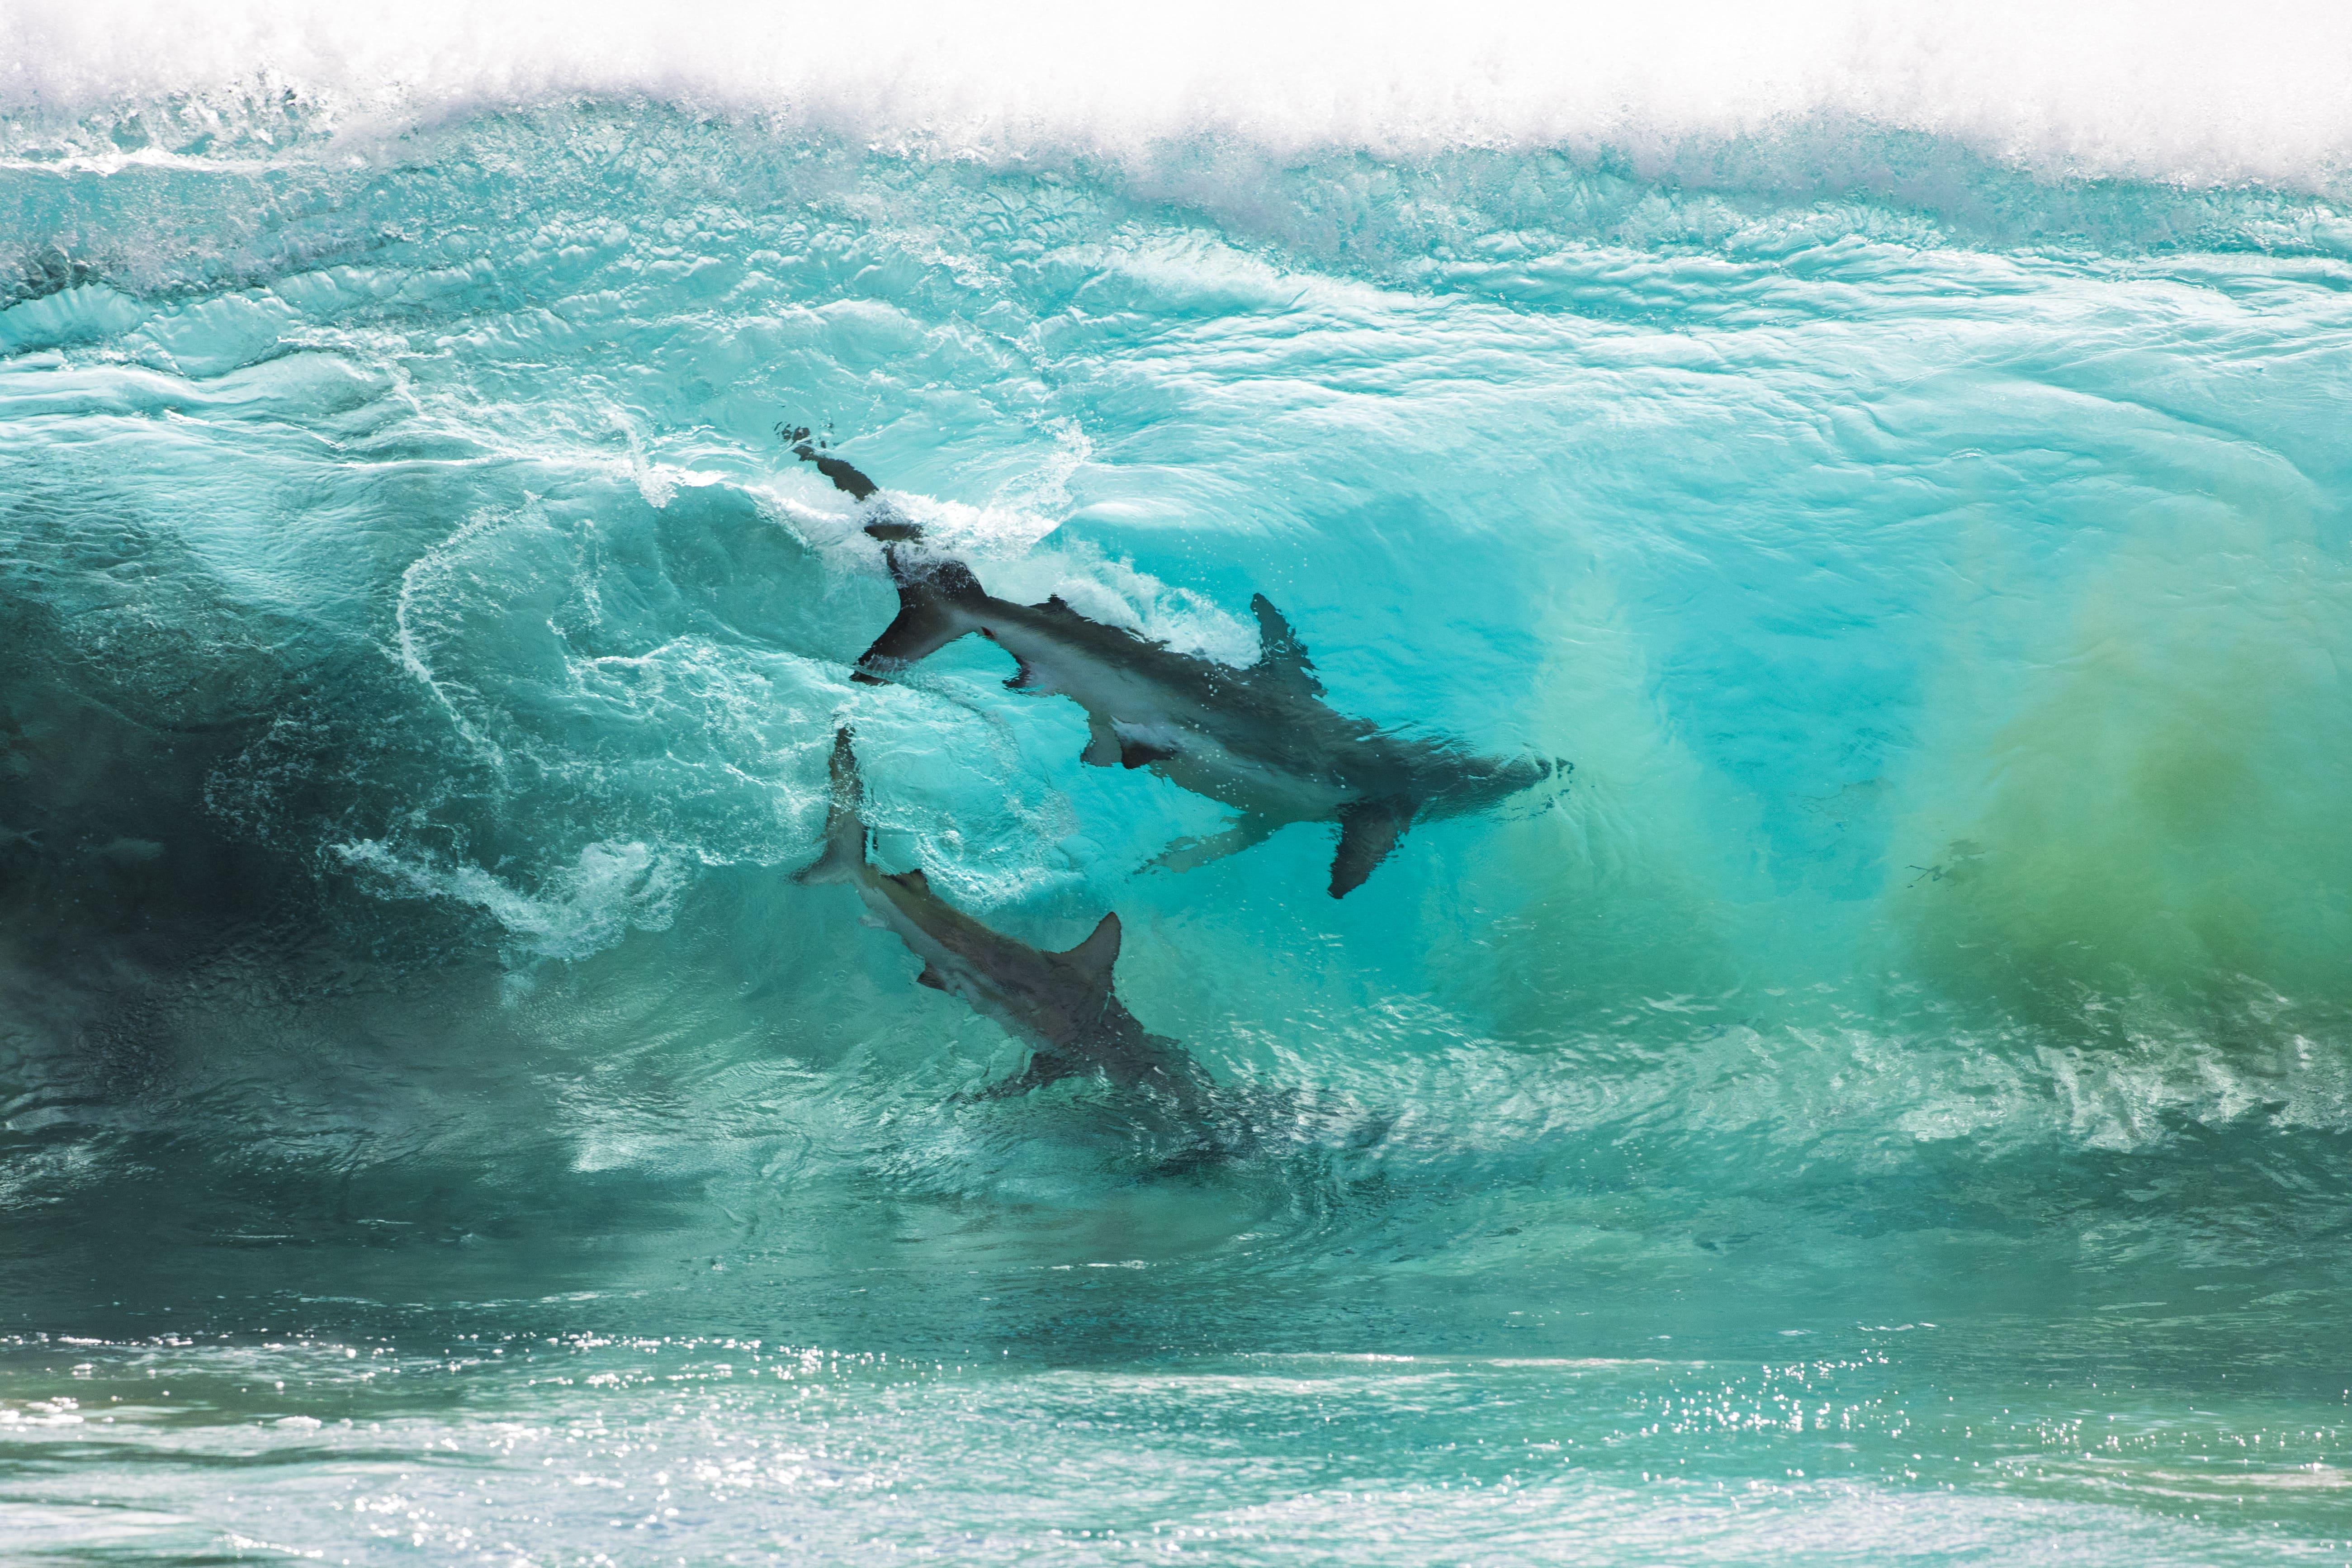 Squali dentro un'onda